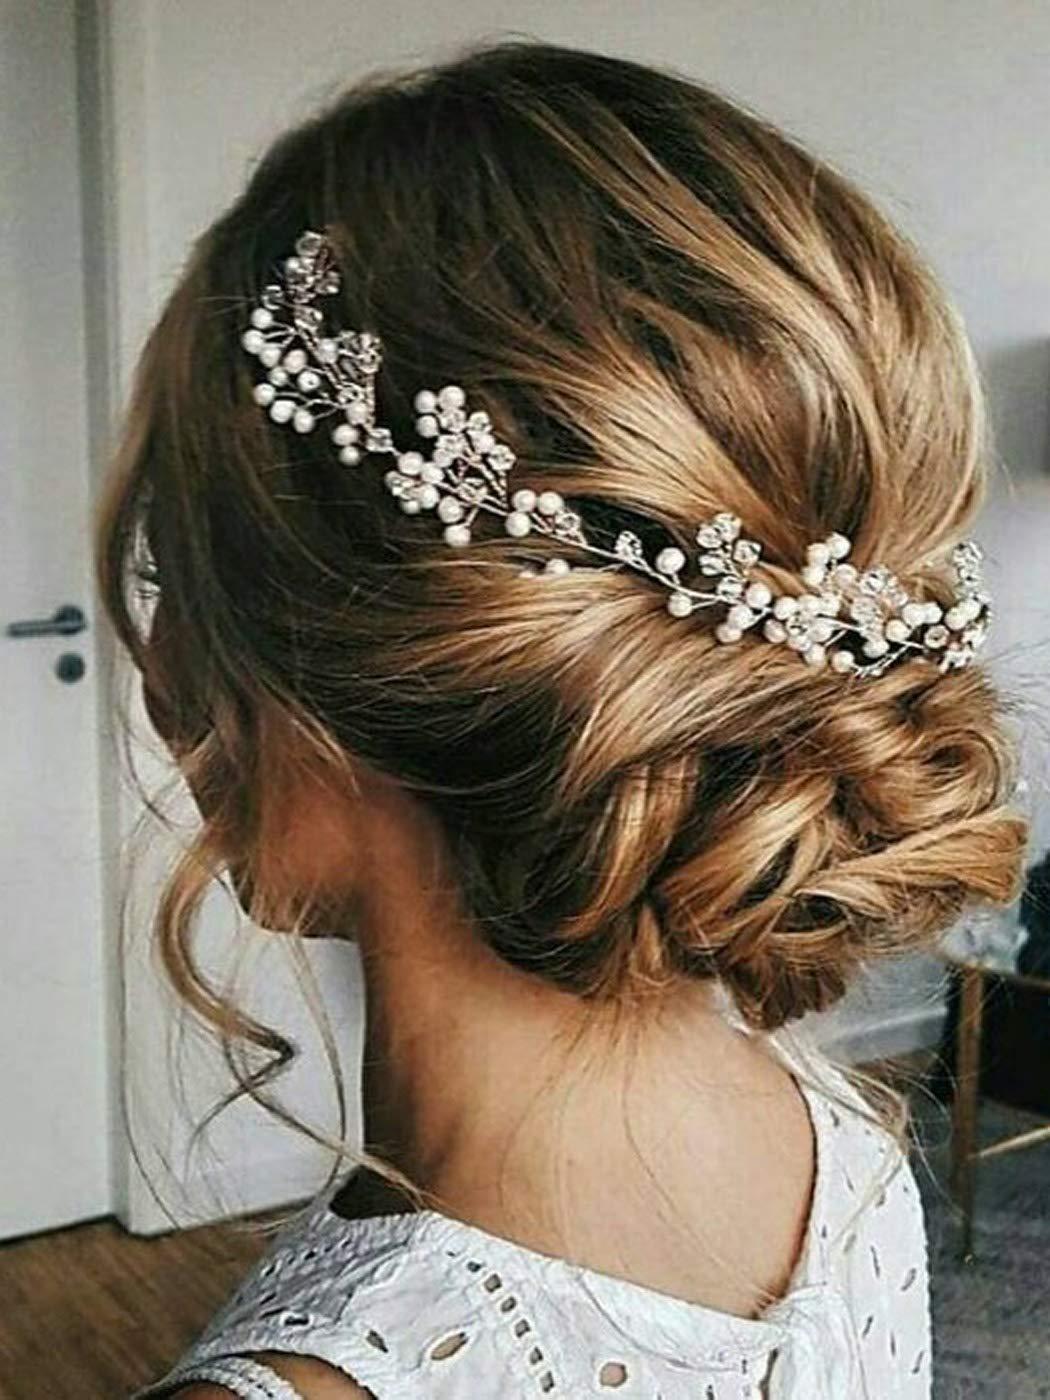 Amazon.com   Artio Bride Wedding Hair Vine Accessory with Crystals Gold Flower  Hair Piece Rhinestone Bridal Headpiece for Bride   Beauty ad0ff1381dd1